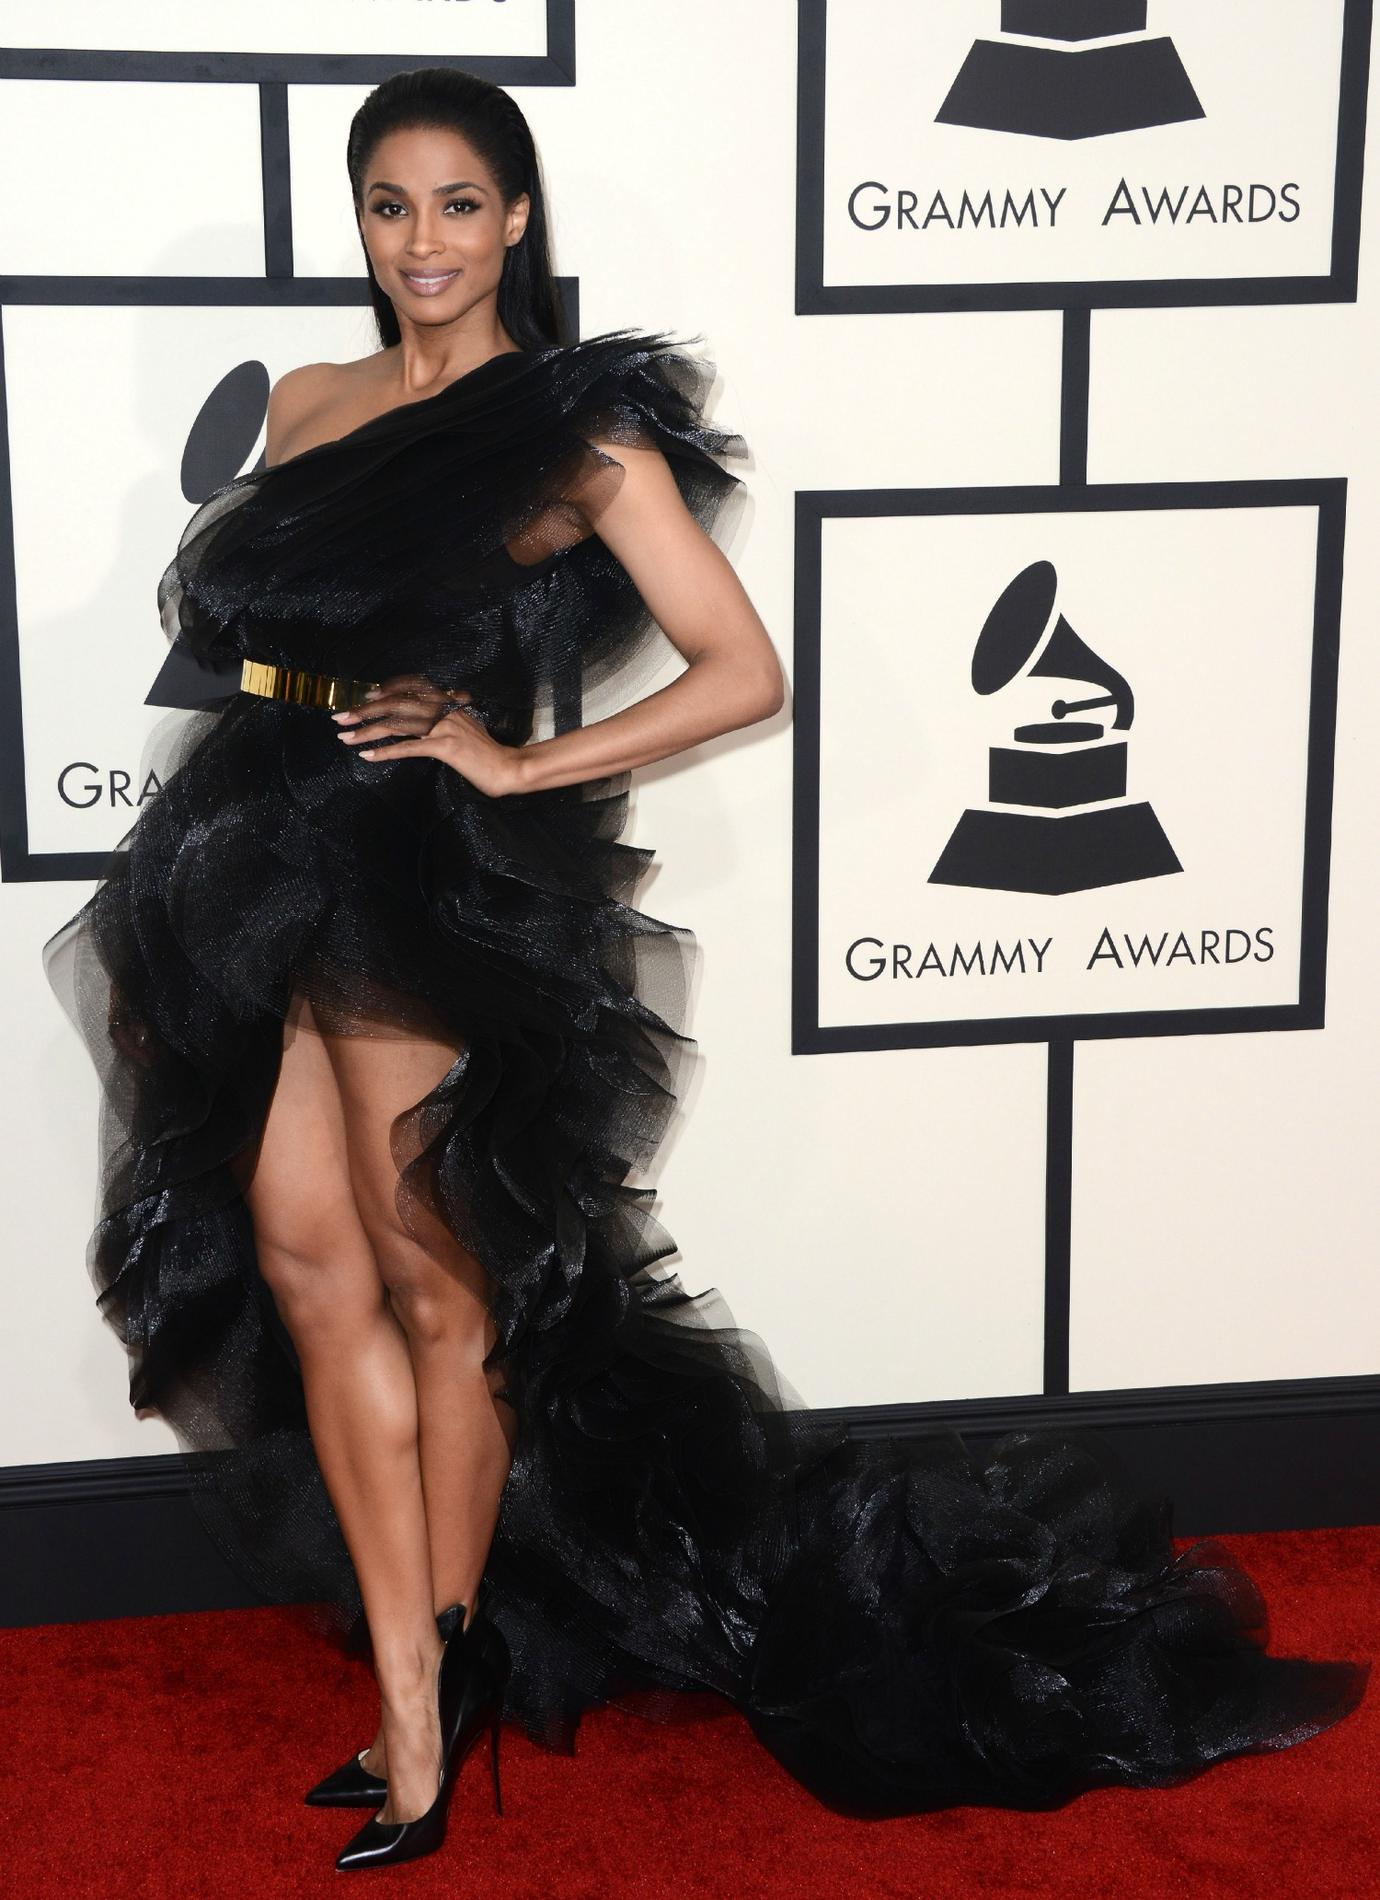 a0c5c327c91 Les plus belles robes noires de 2015 - Madame Figaro